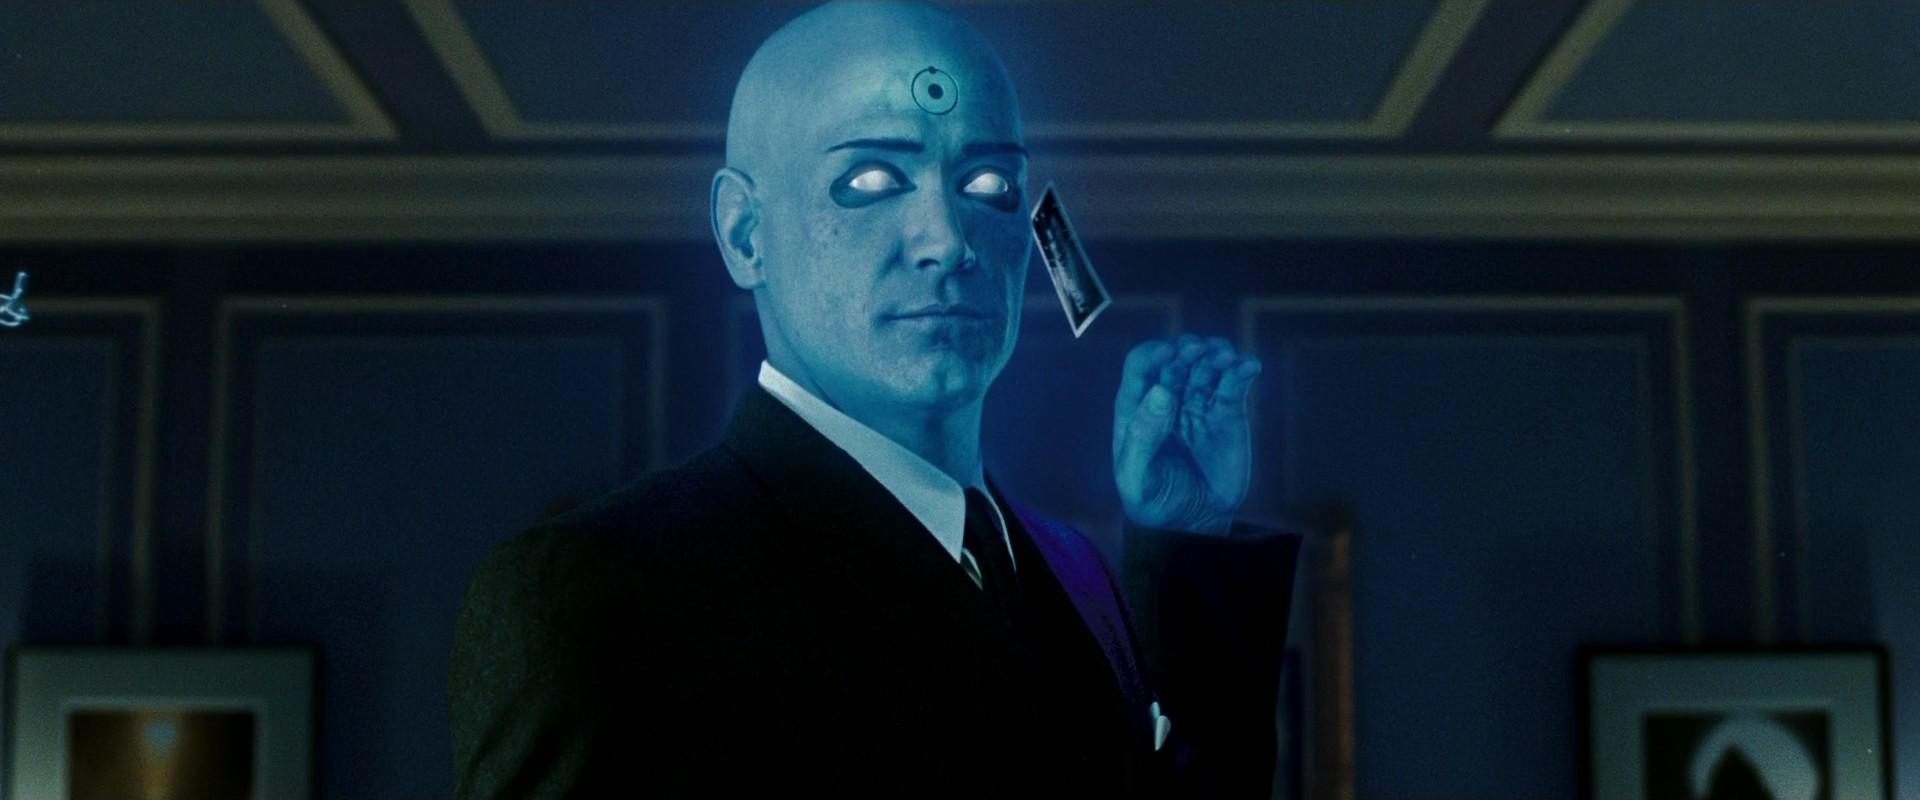 Watchmen (2009)